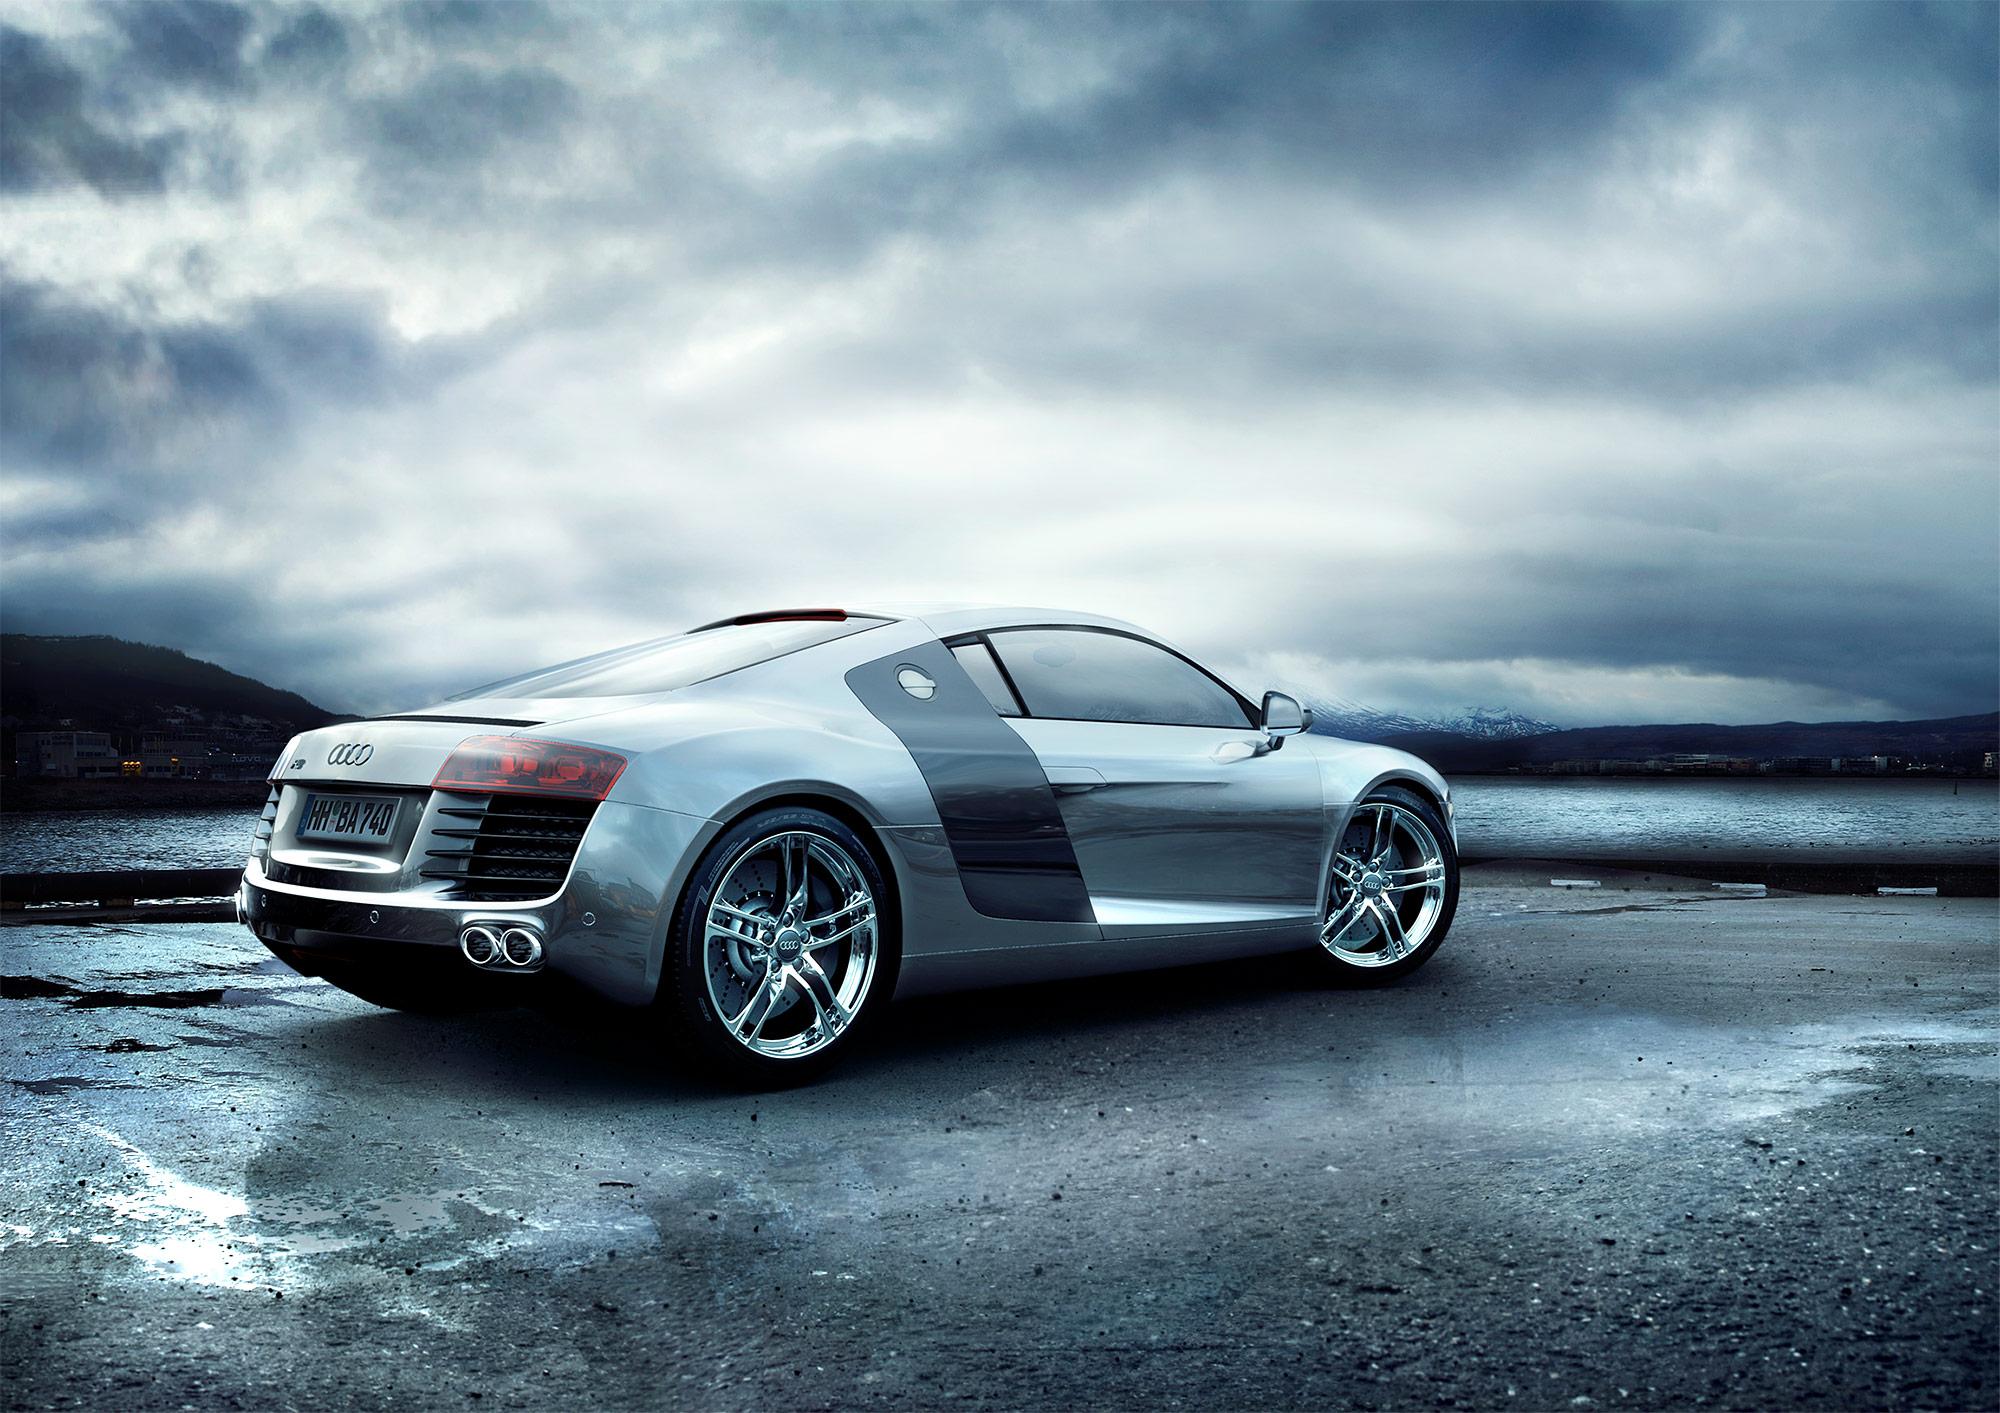 CGI Rendering 3d Audi R8 Auto Landschaft Regen HDRI Backplate Sphere Idris Kolodziej